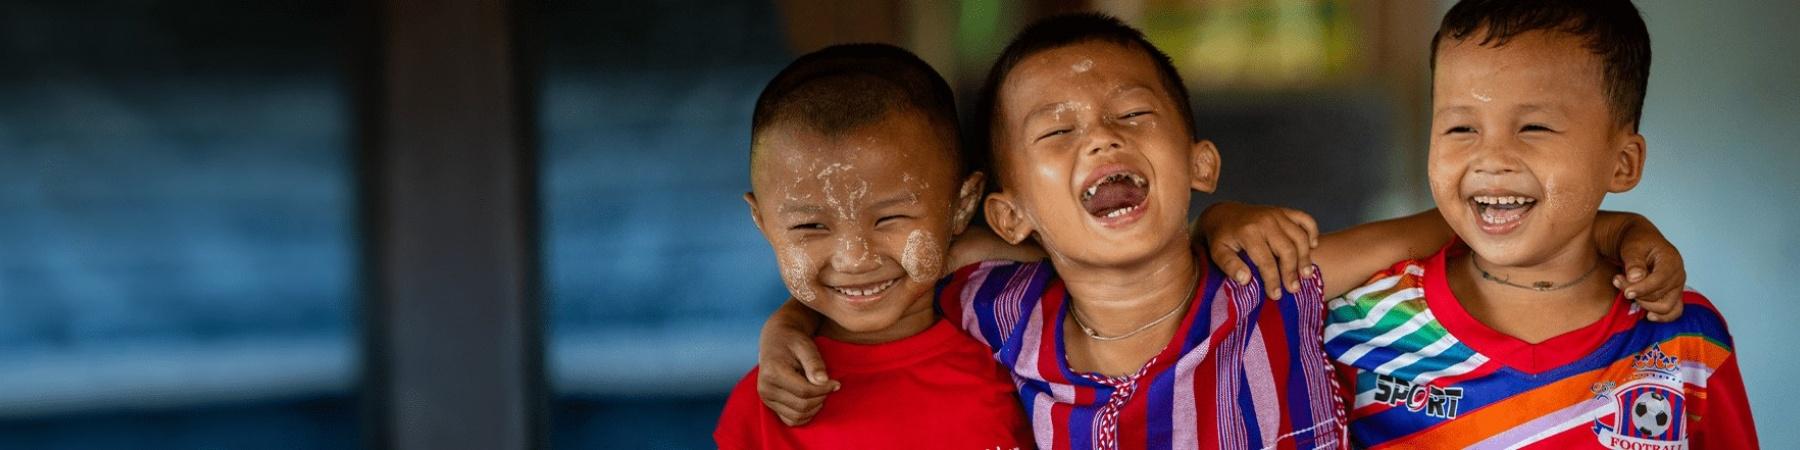 3 bambini sorridenti che si abbracciano